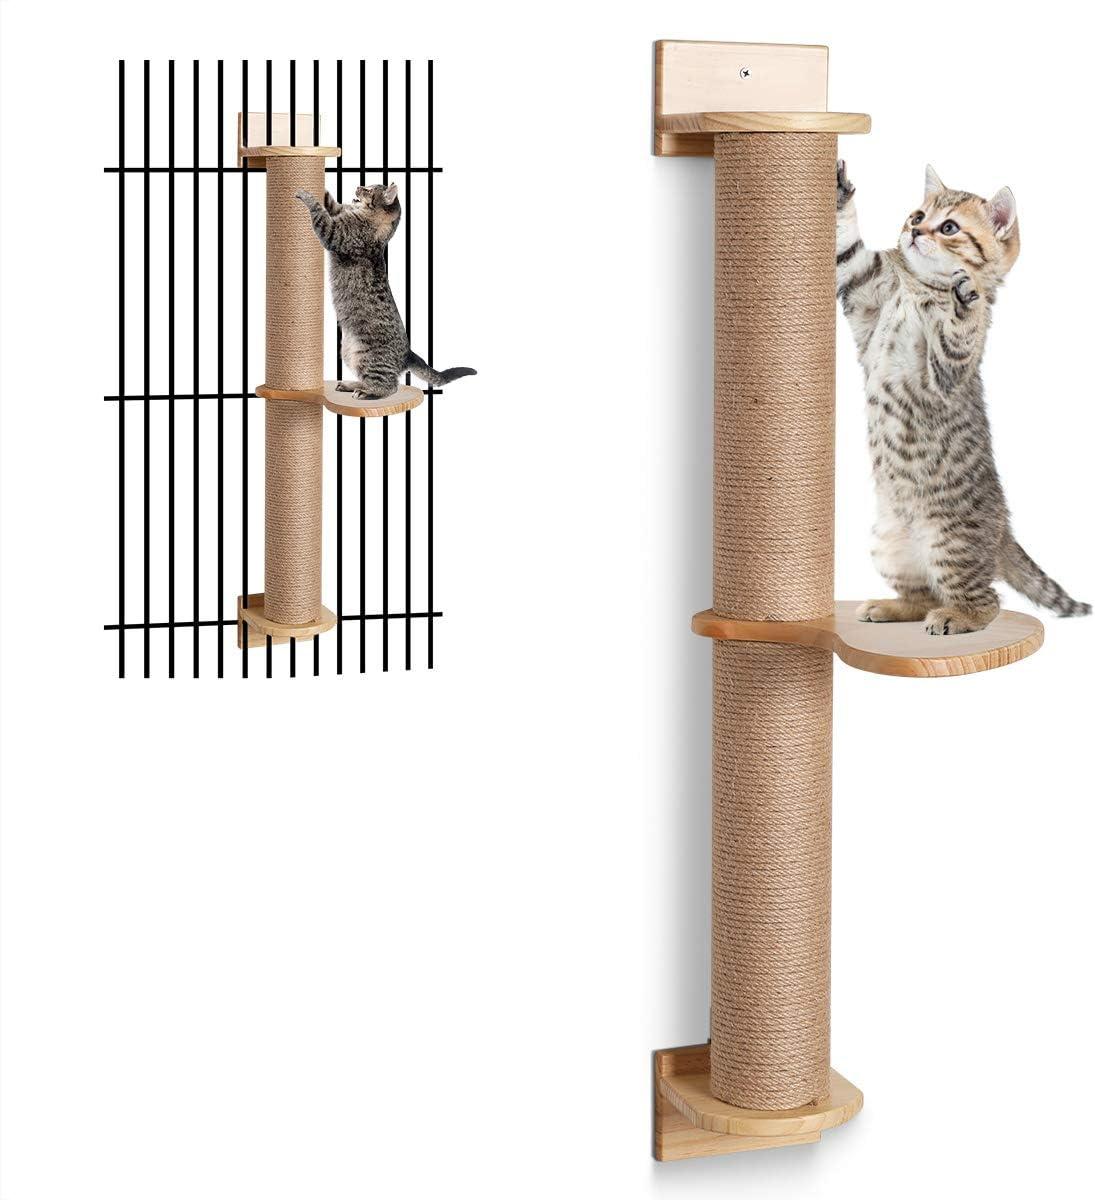 FUKUMARU Cat Activity Tree with Scratching Posts Jute Scratcher Hammock